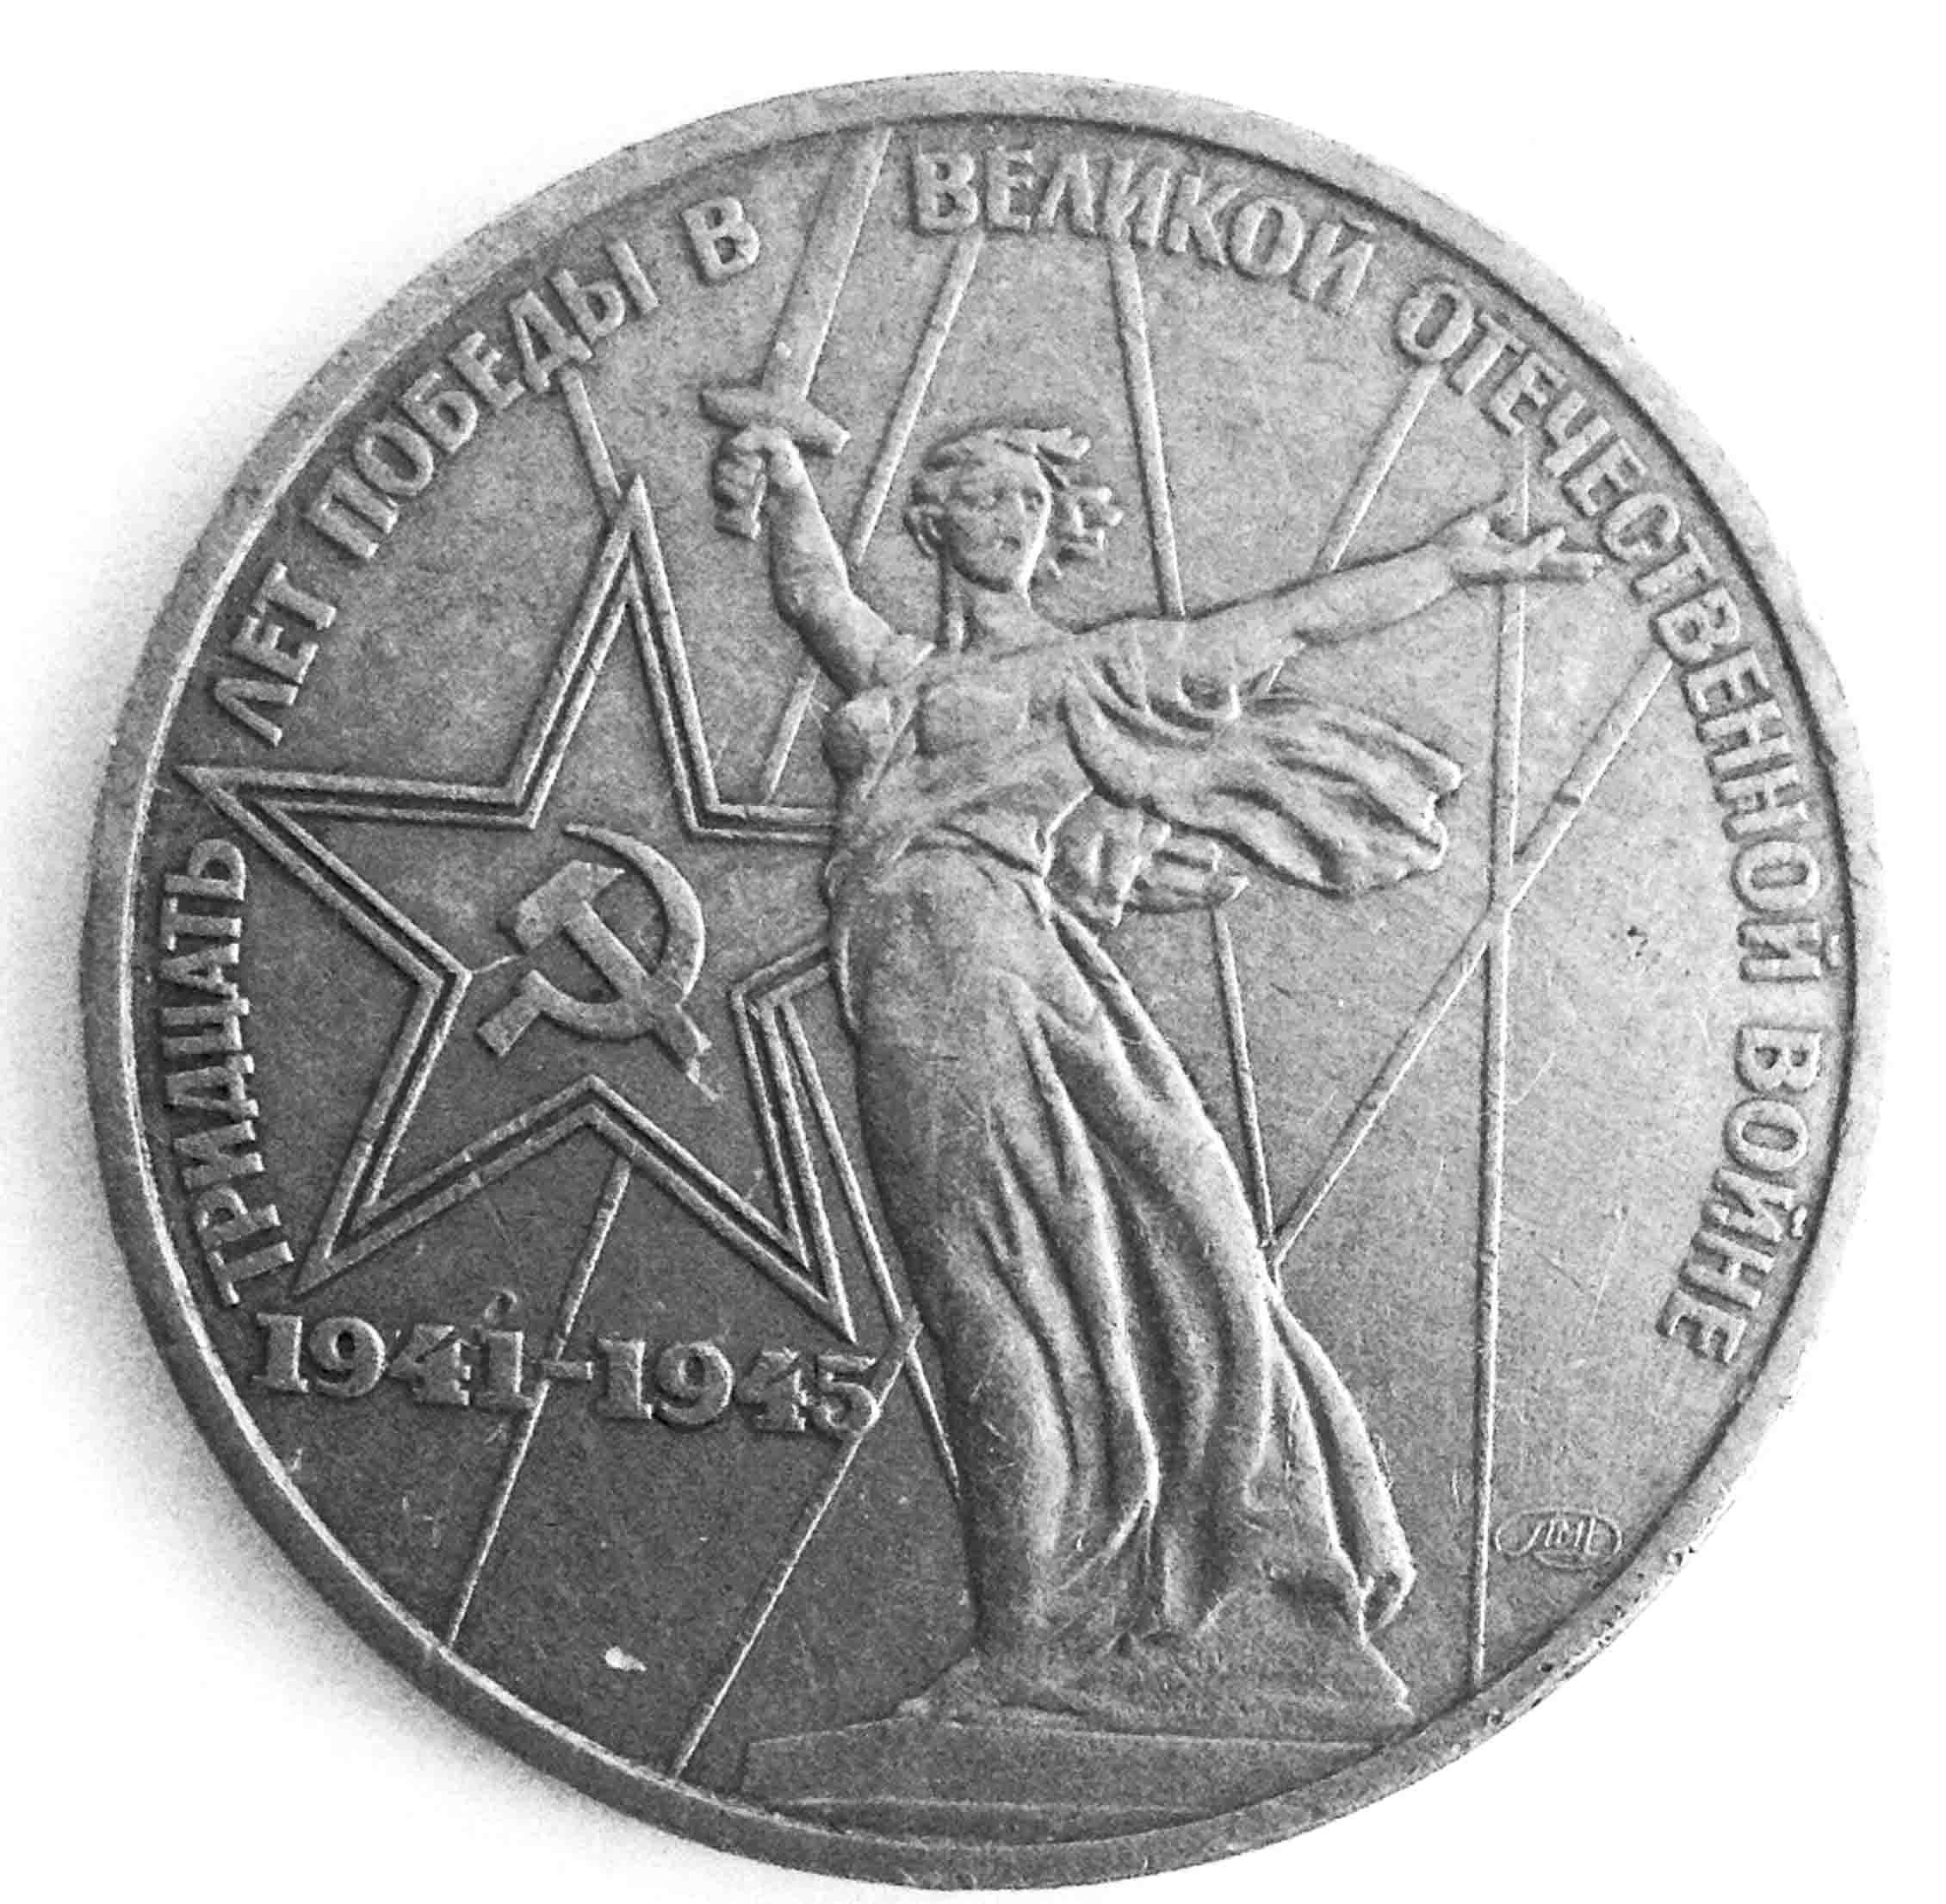 1 рубль 1975 СССР 1941 - 1945. 30 лет Победы ВОВ фото 1